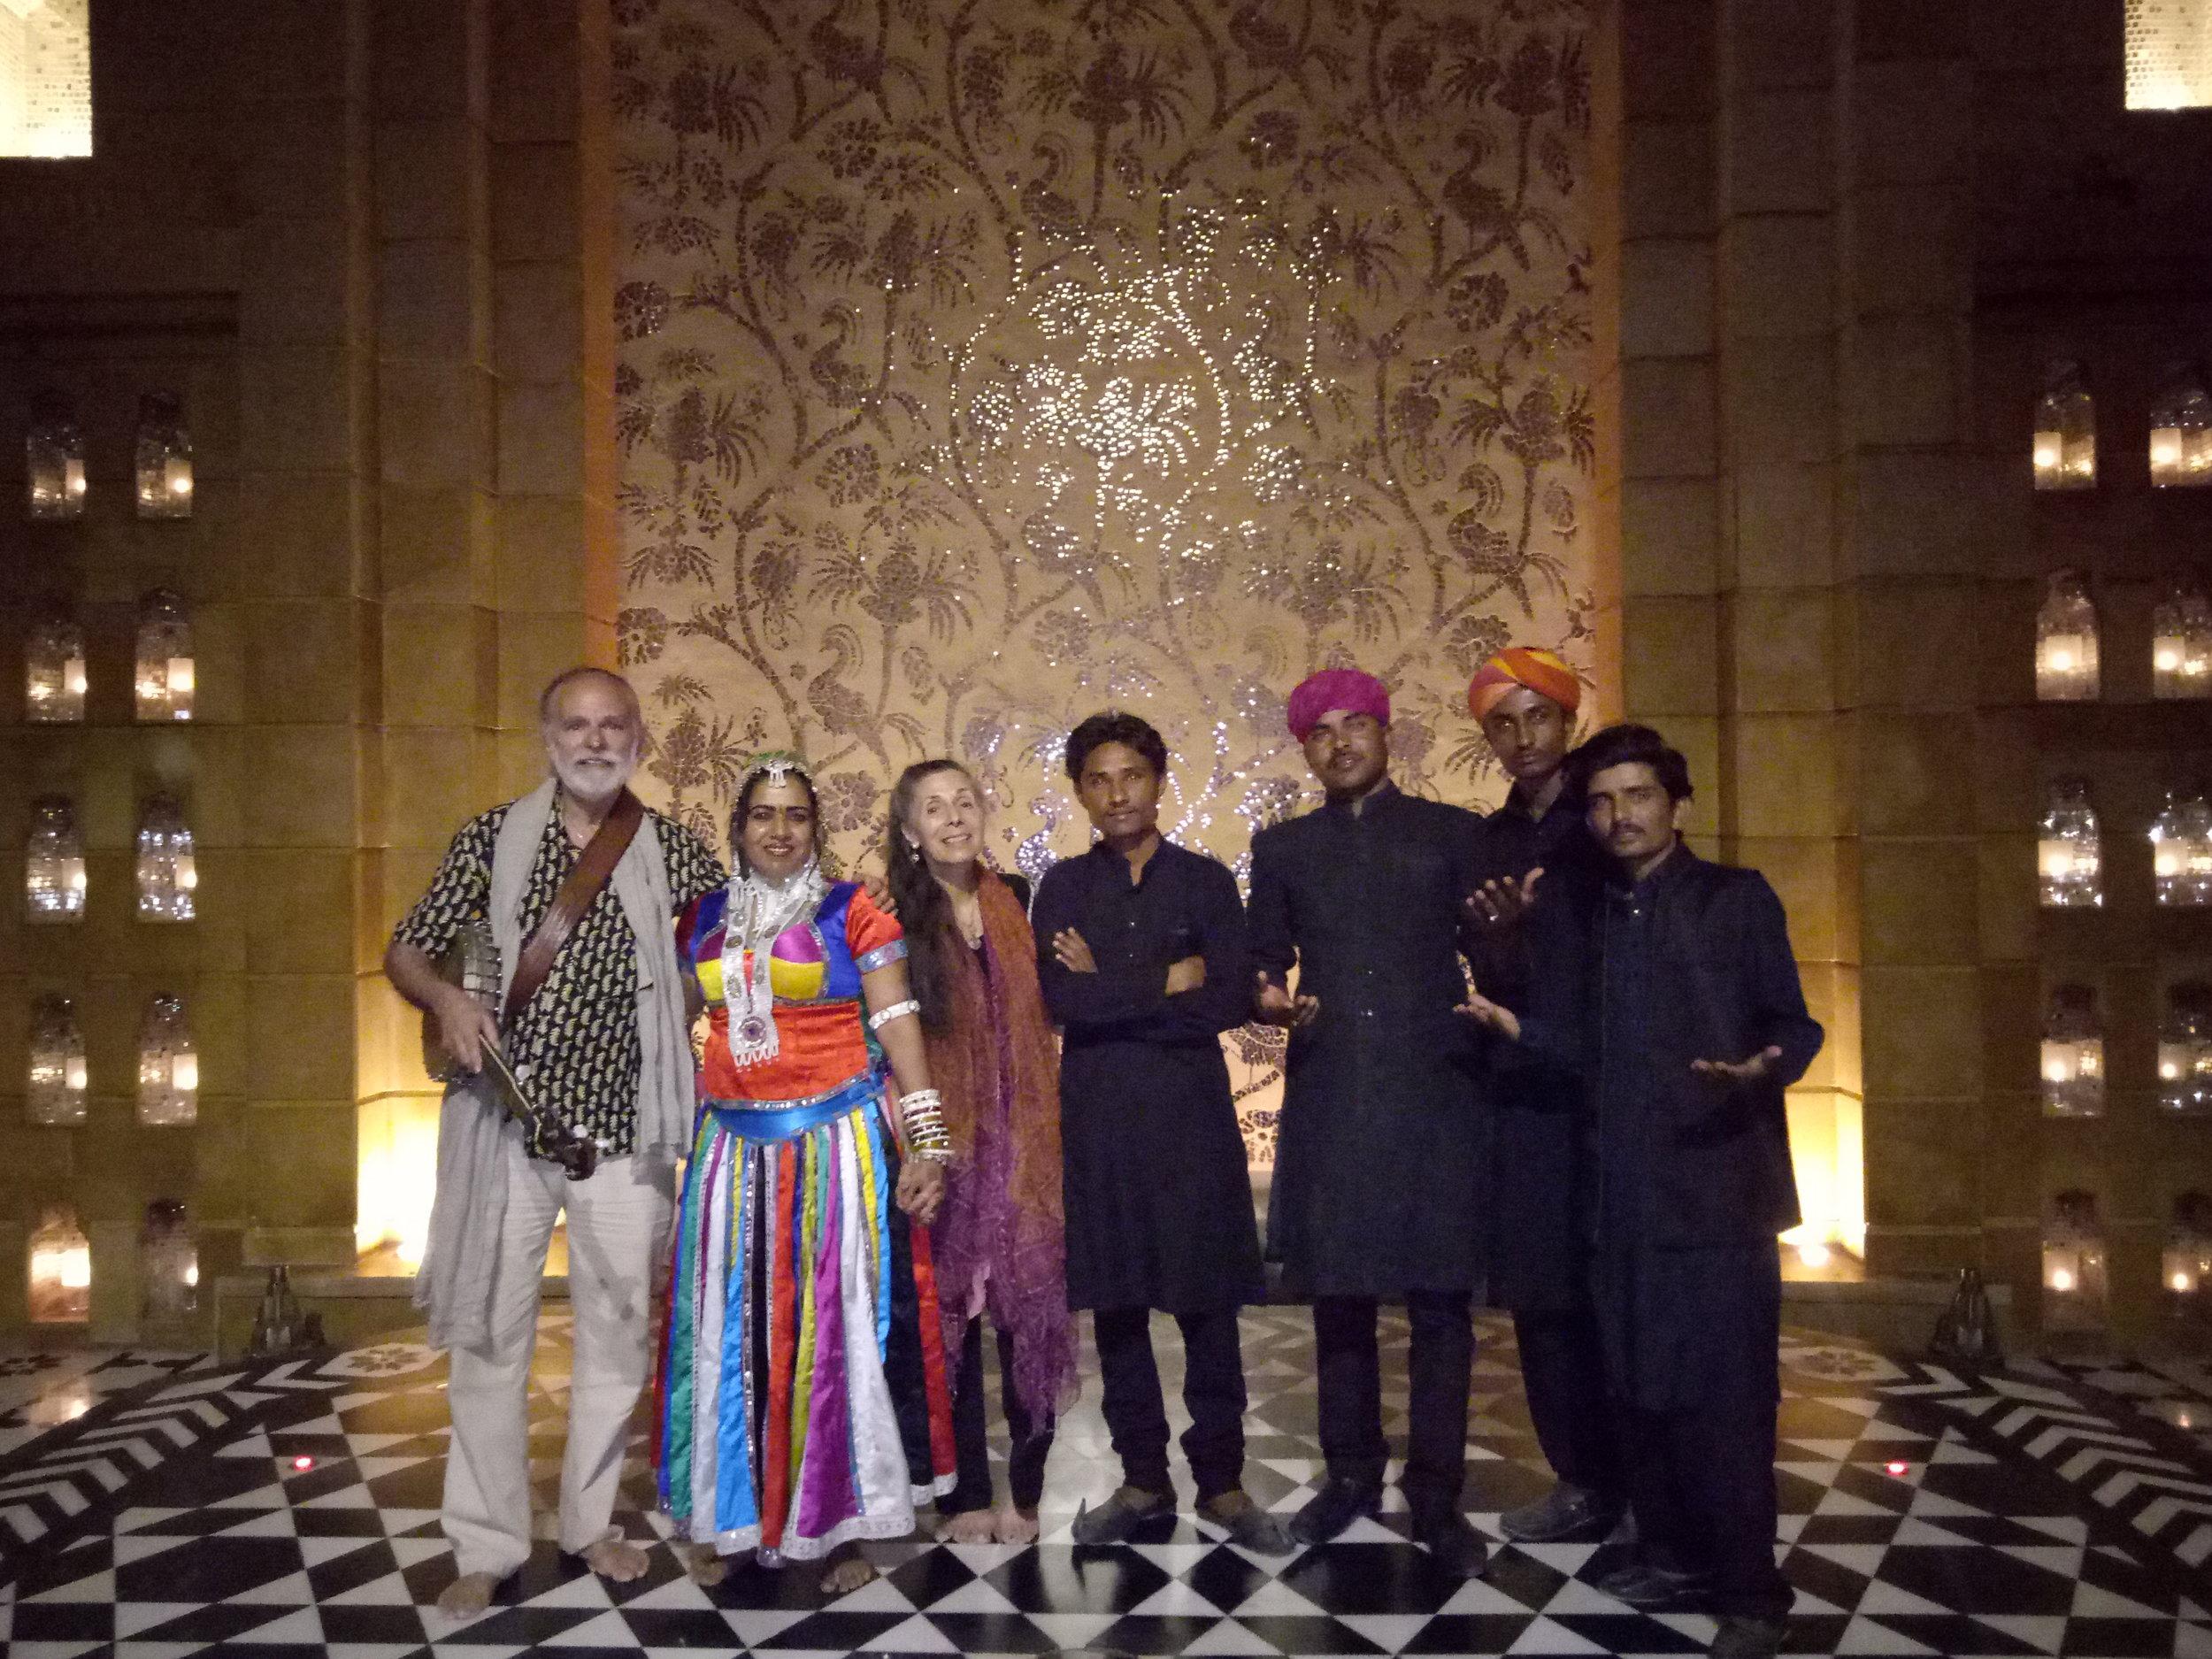 Sayari, Sheru, and the band with Livia & Bill at the Leela Palace in Udaipur City.